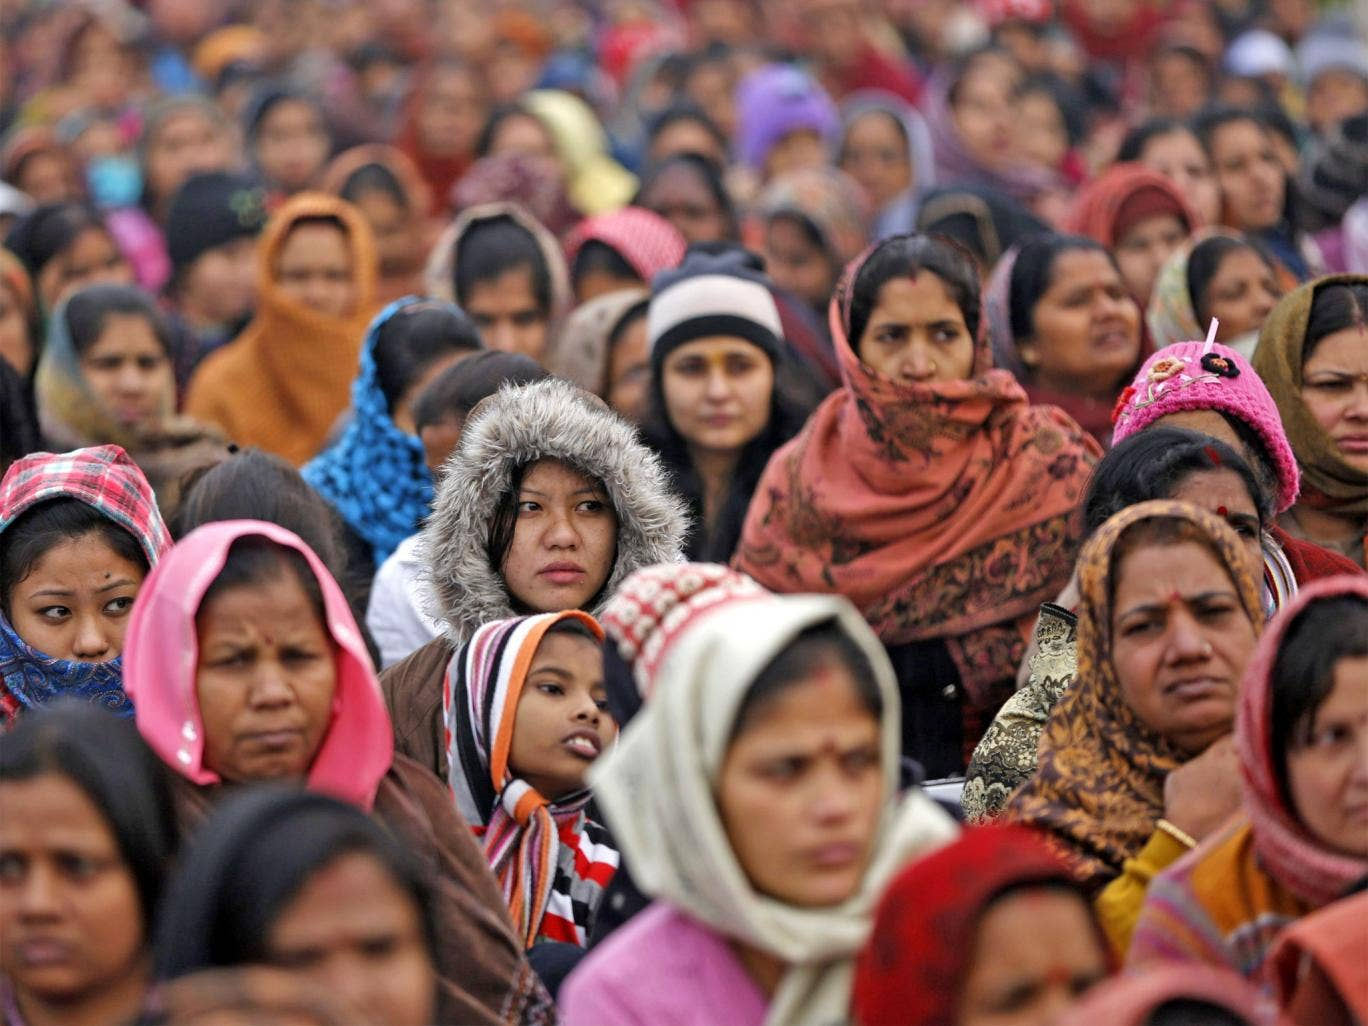 A prayer ceremony for the rape victim in New Delhi